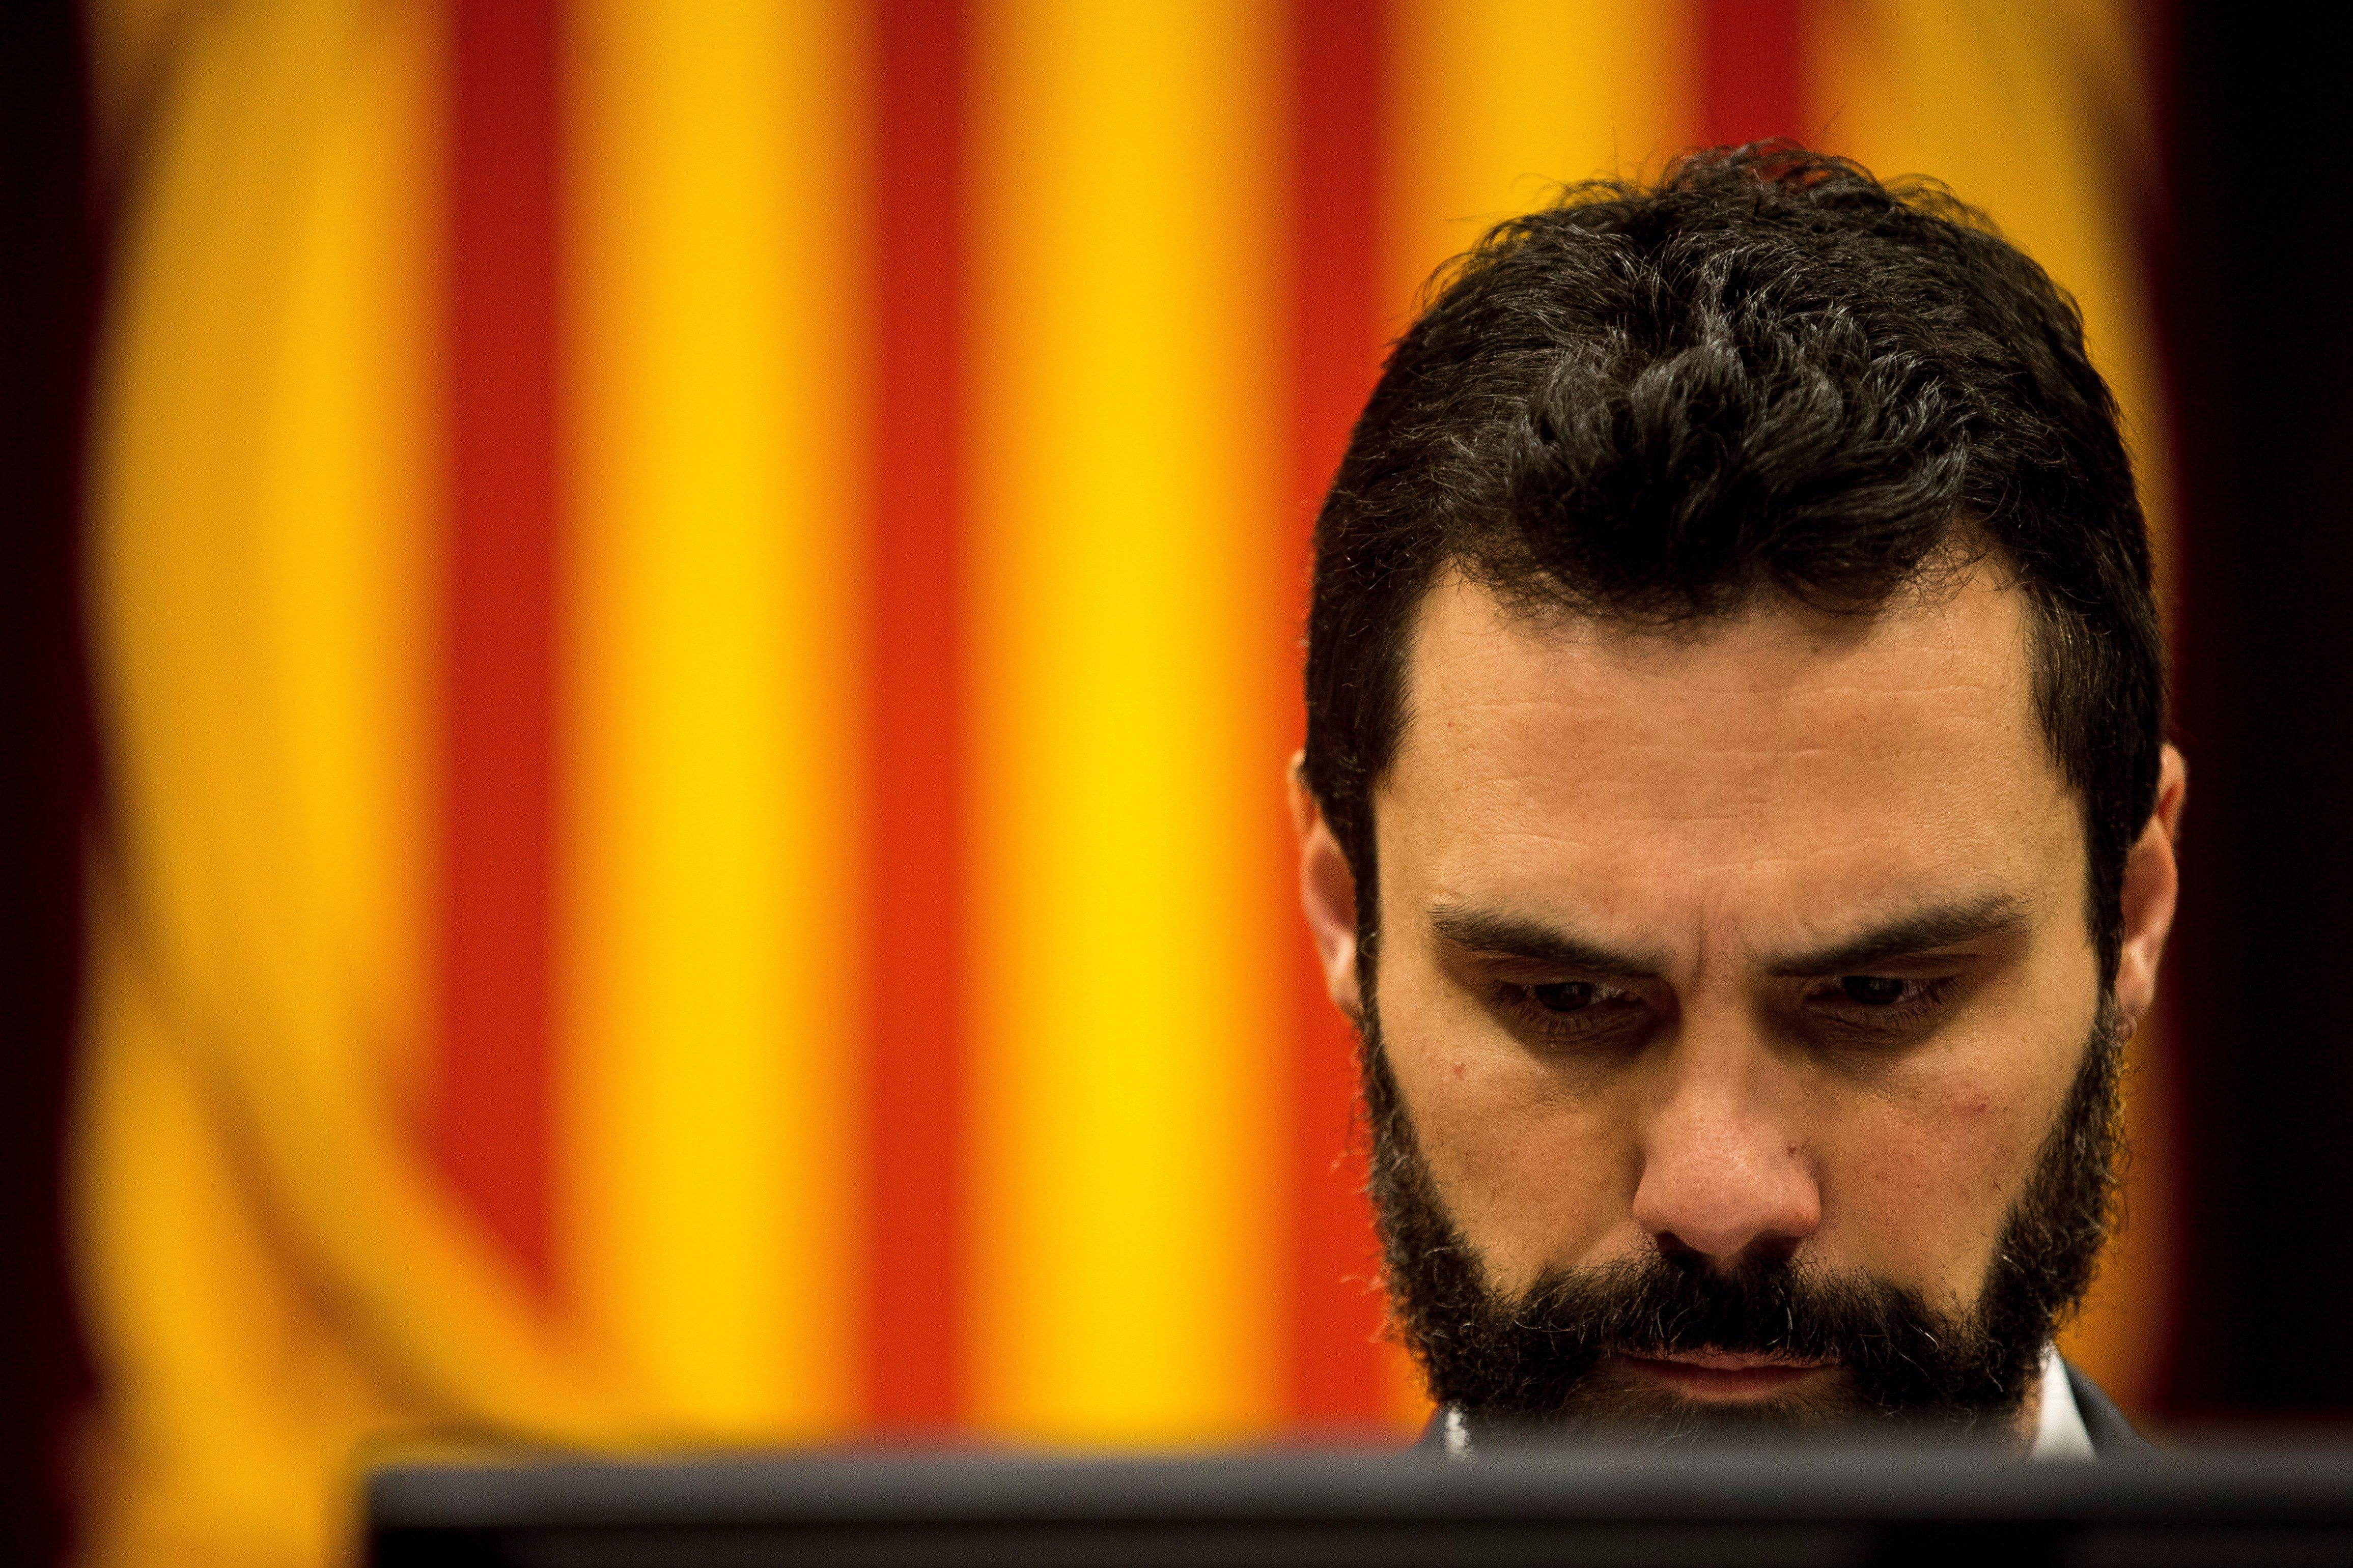 El president del Parlament català, Roger Torrent, durant el ple celebrat avui, en el qual es debaten diverses propostes de resolució. /Quique Garcia